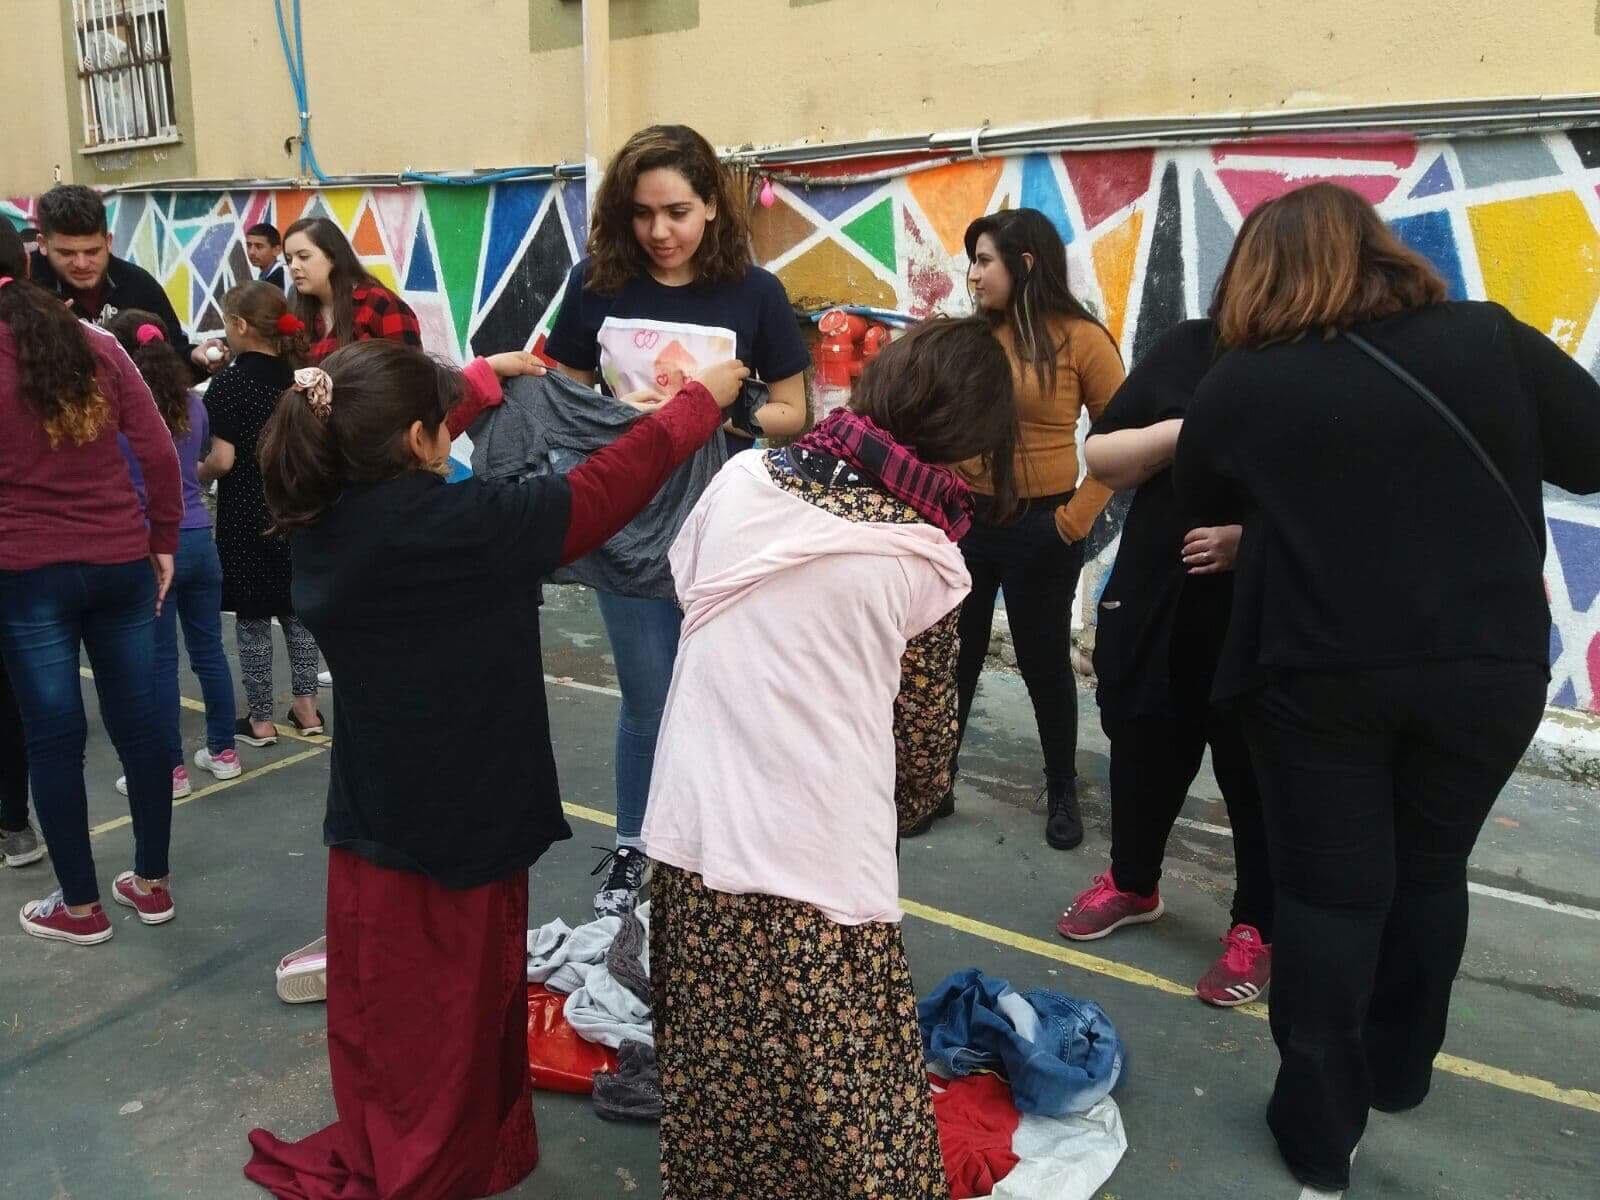 أفانين... جمعيّة خيرية تقدّس العطاء وتساعد المحتاجين